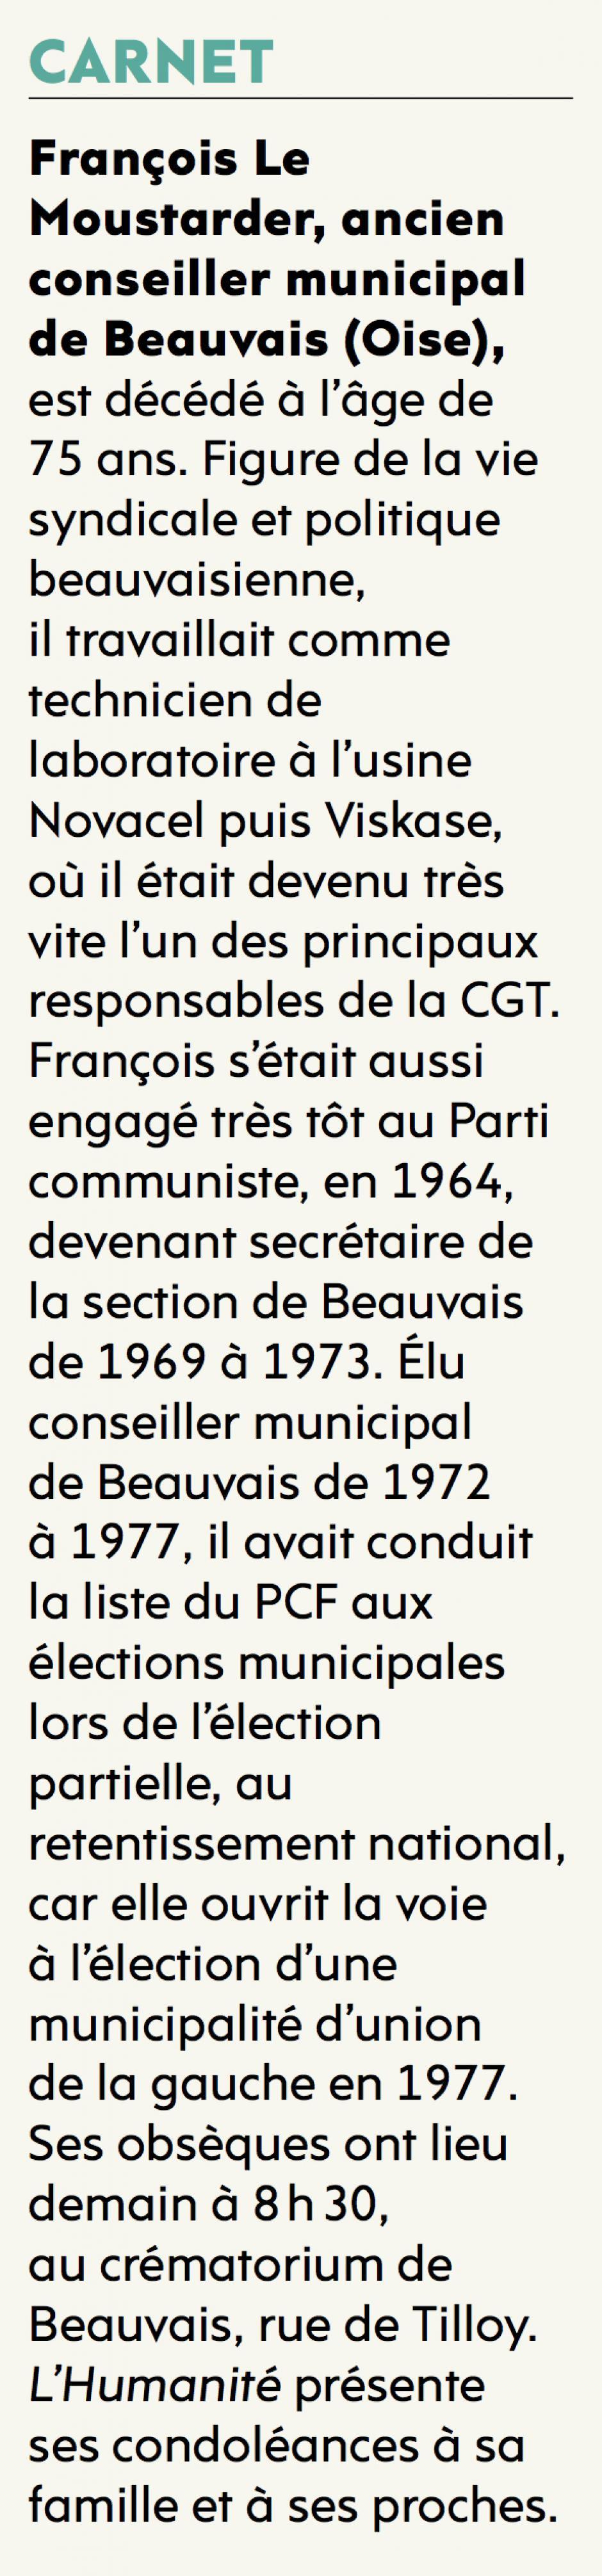 20170426-L'Huma-Beauvais-Décès de François Le Moustarder